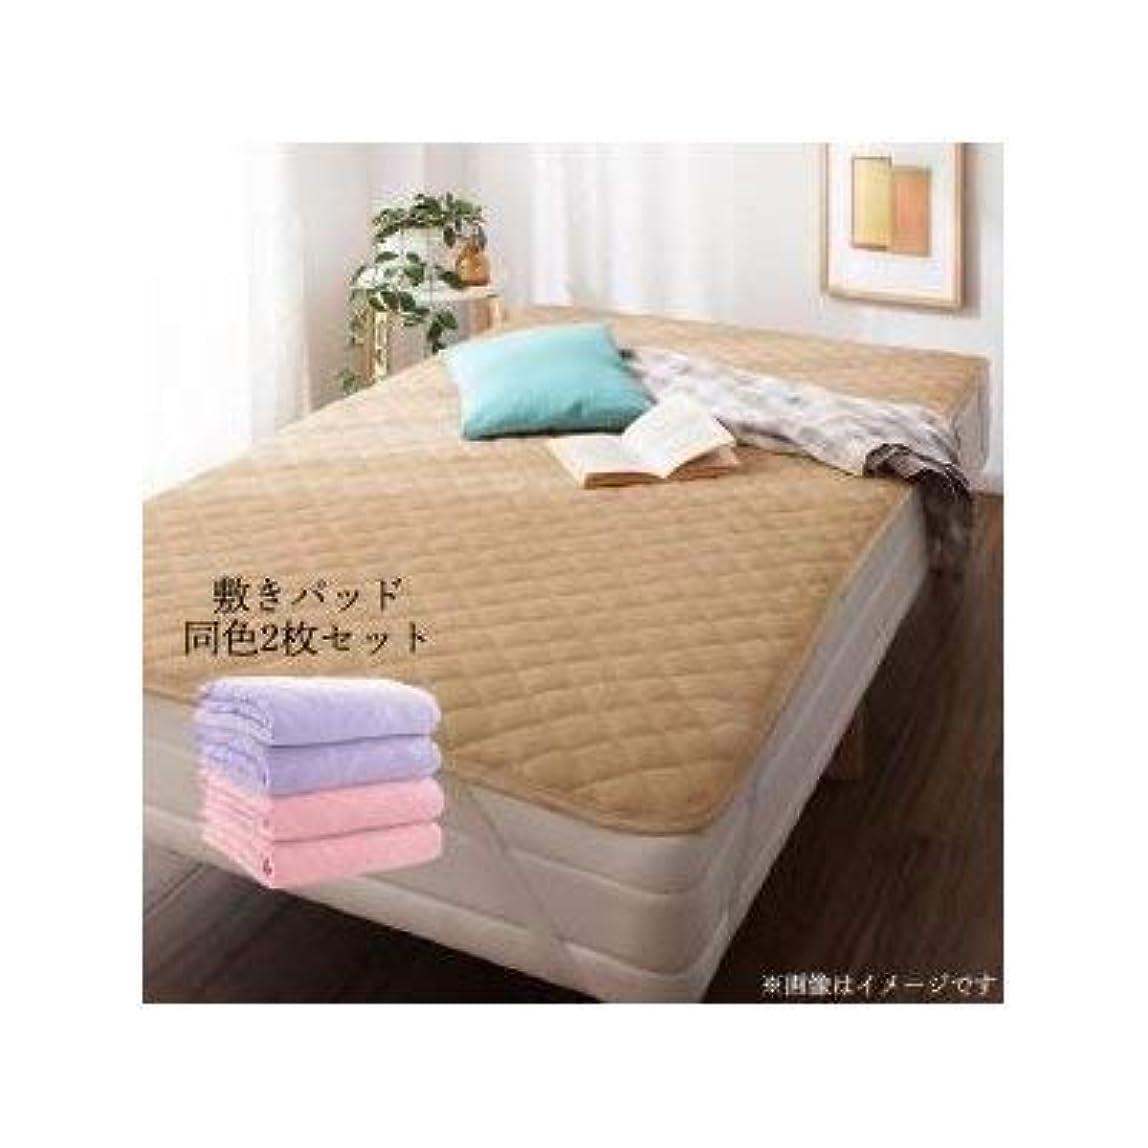 頑固なヒューム平和的寝具 敷きパッド ショート丈専用 ザブザブ洗える コットンタオル 敷きパッド 同色2枚セット シングル ショート丈 寝具:ミッドナイトブルー 500040012200107